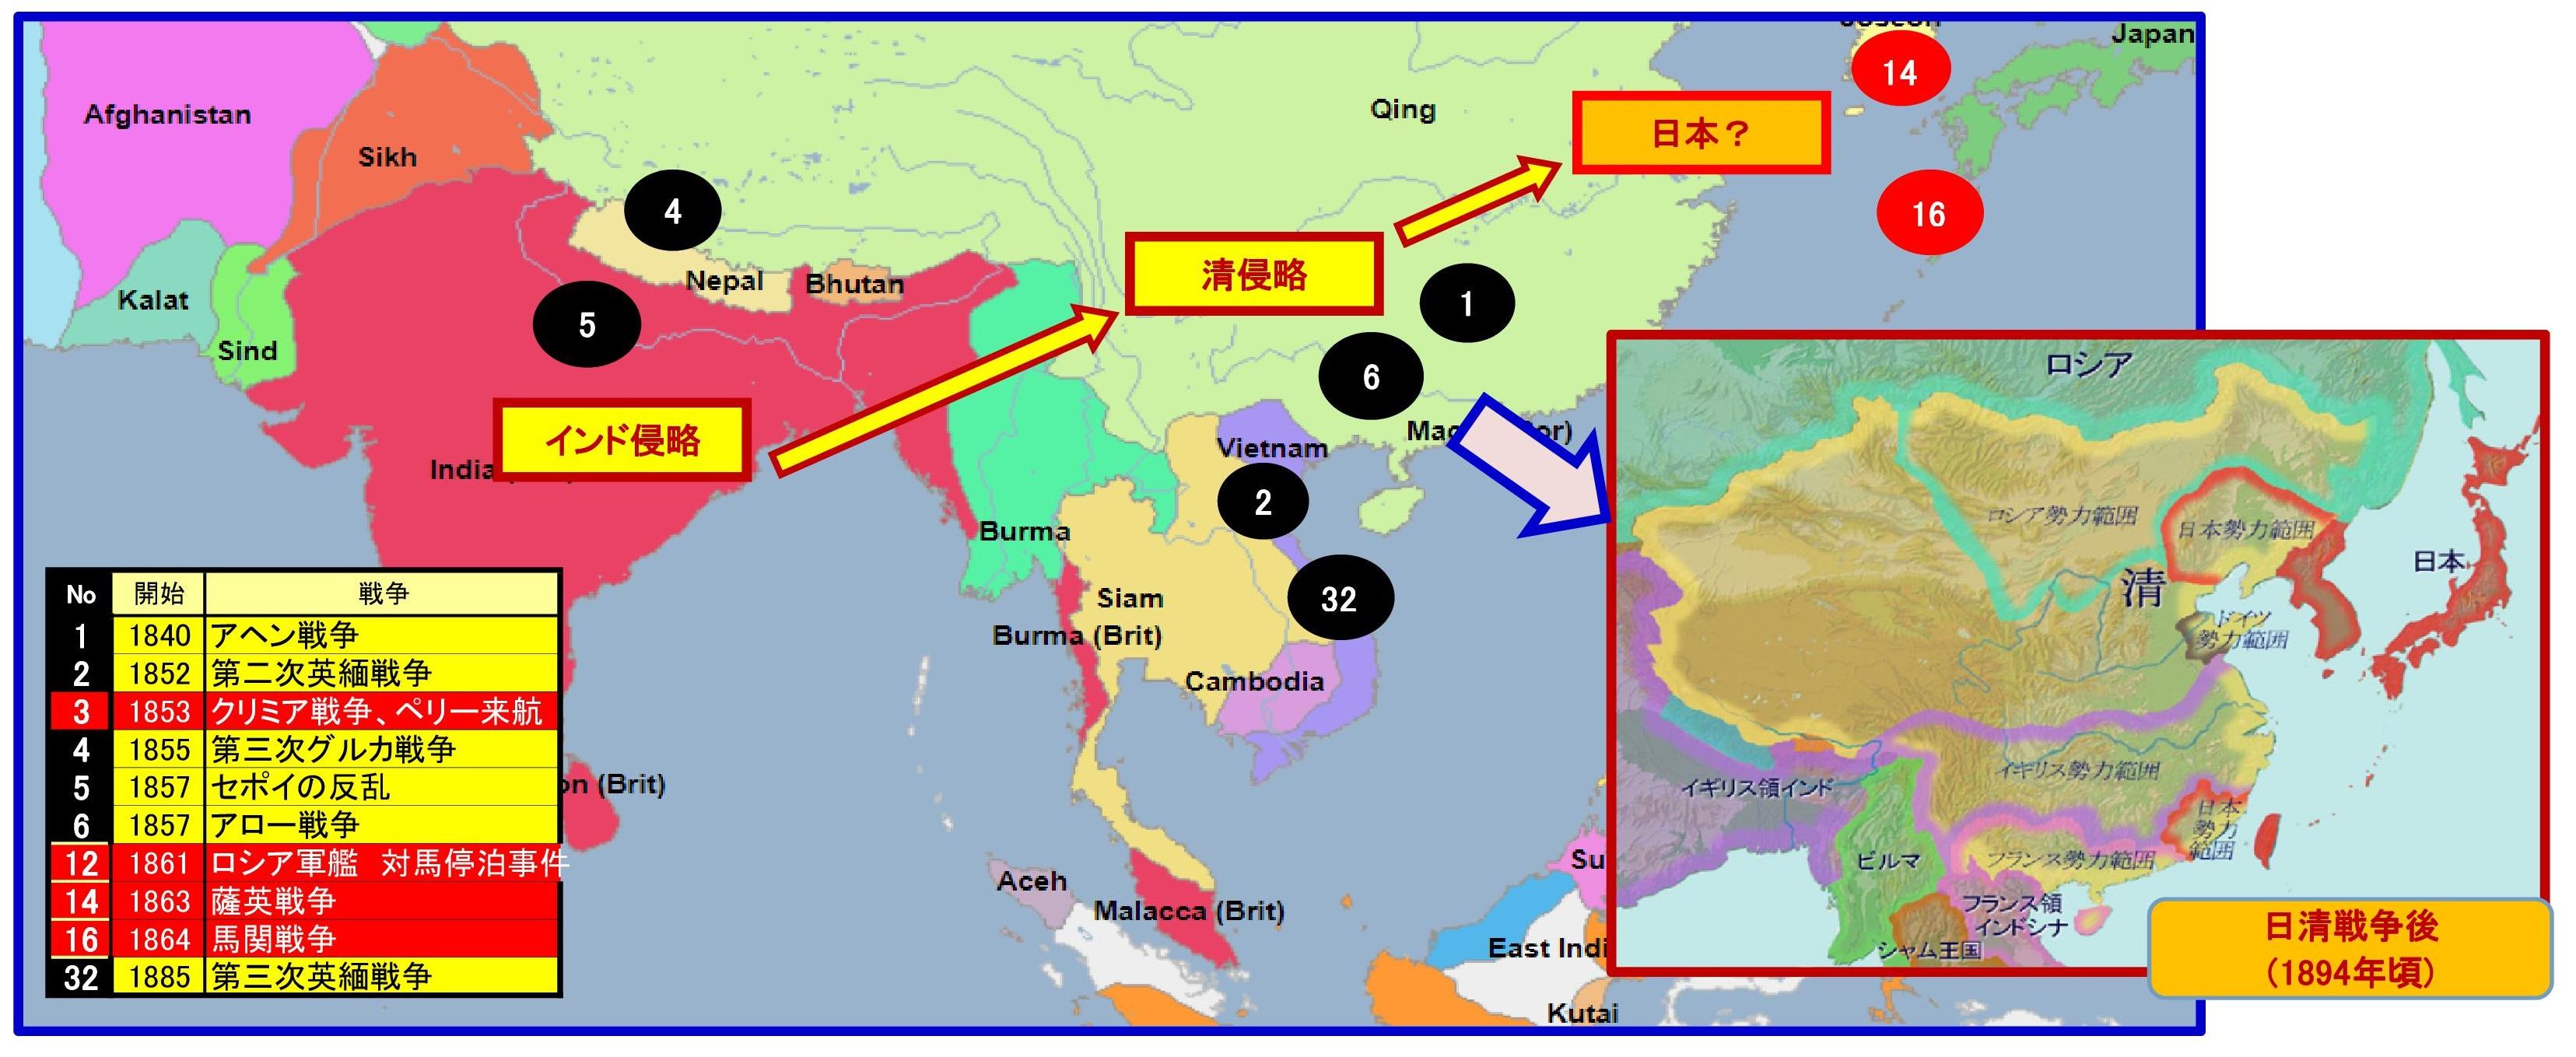 18世紀後半のイギリスのアジア侵略